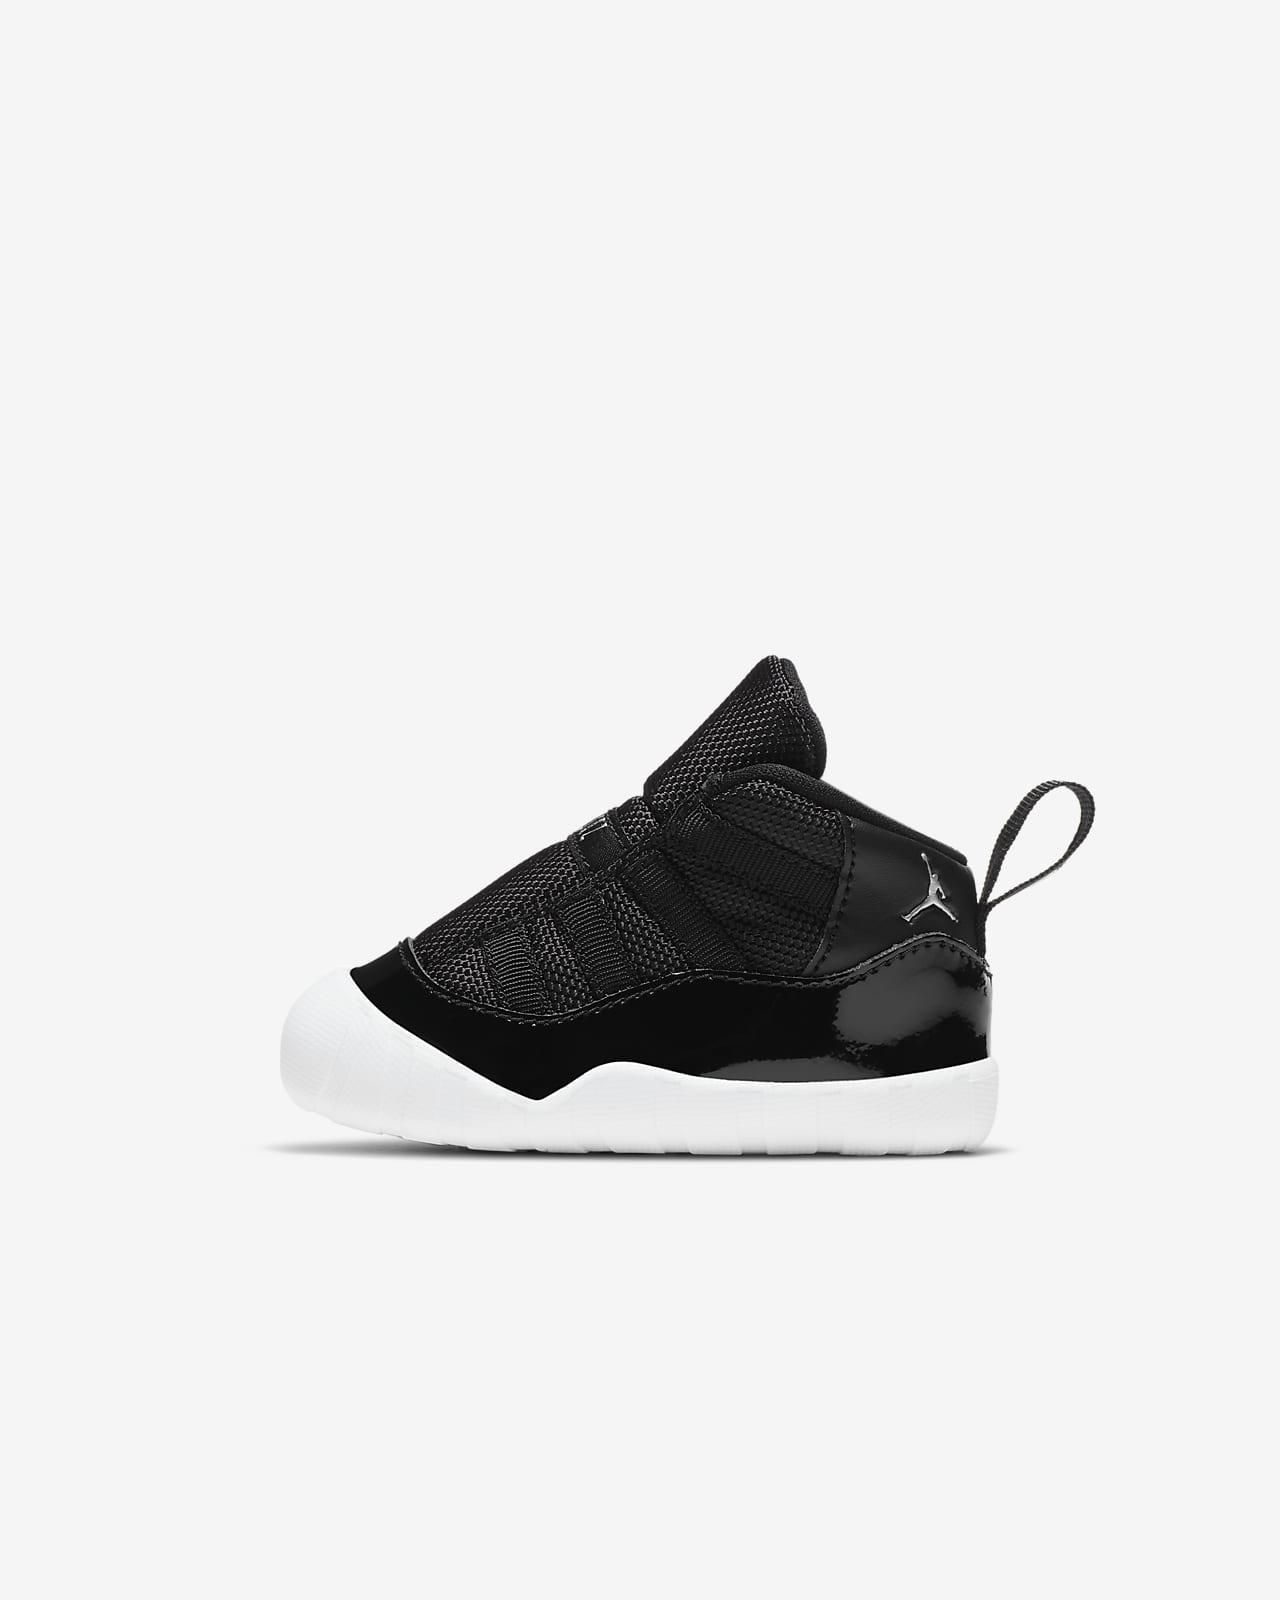 Jordan 11 cipő kiságyba